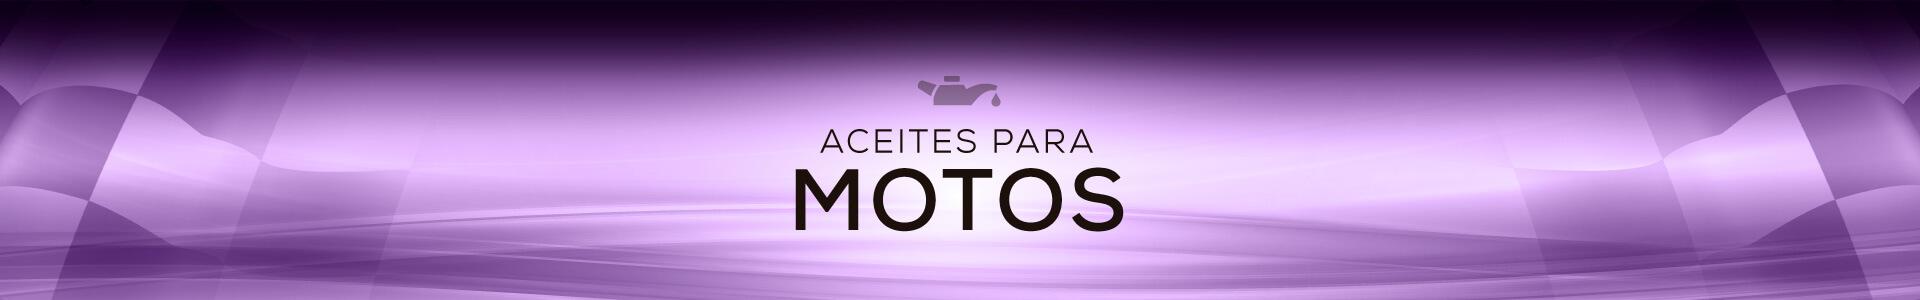 aceites_para_motos-1920x300